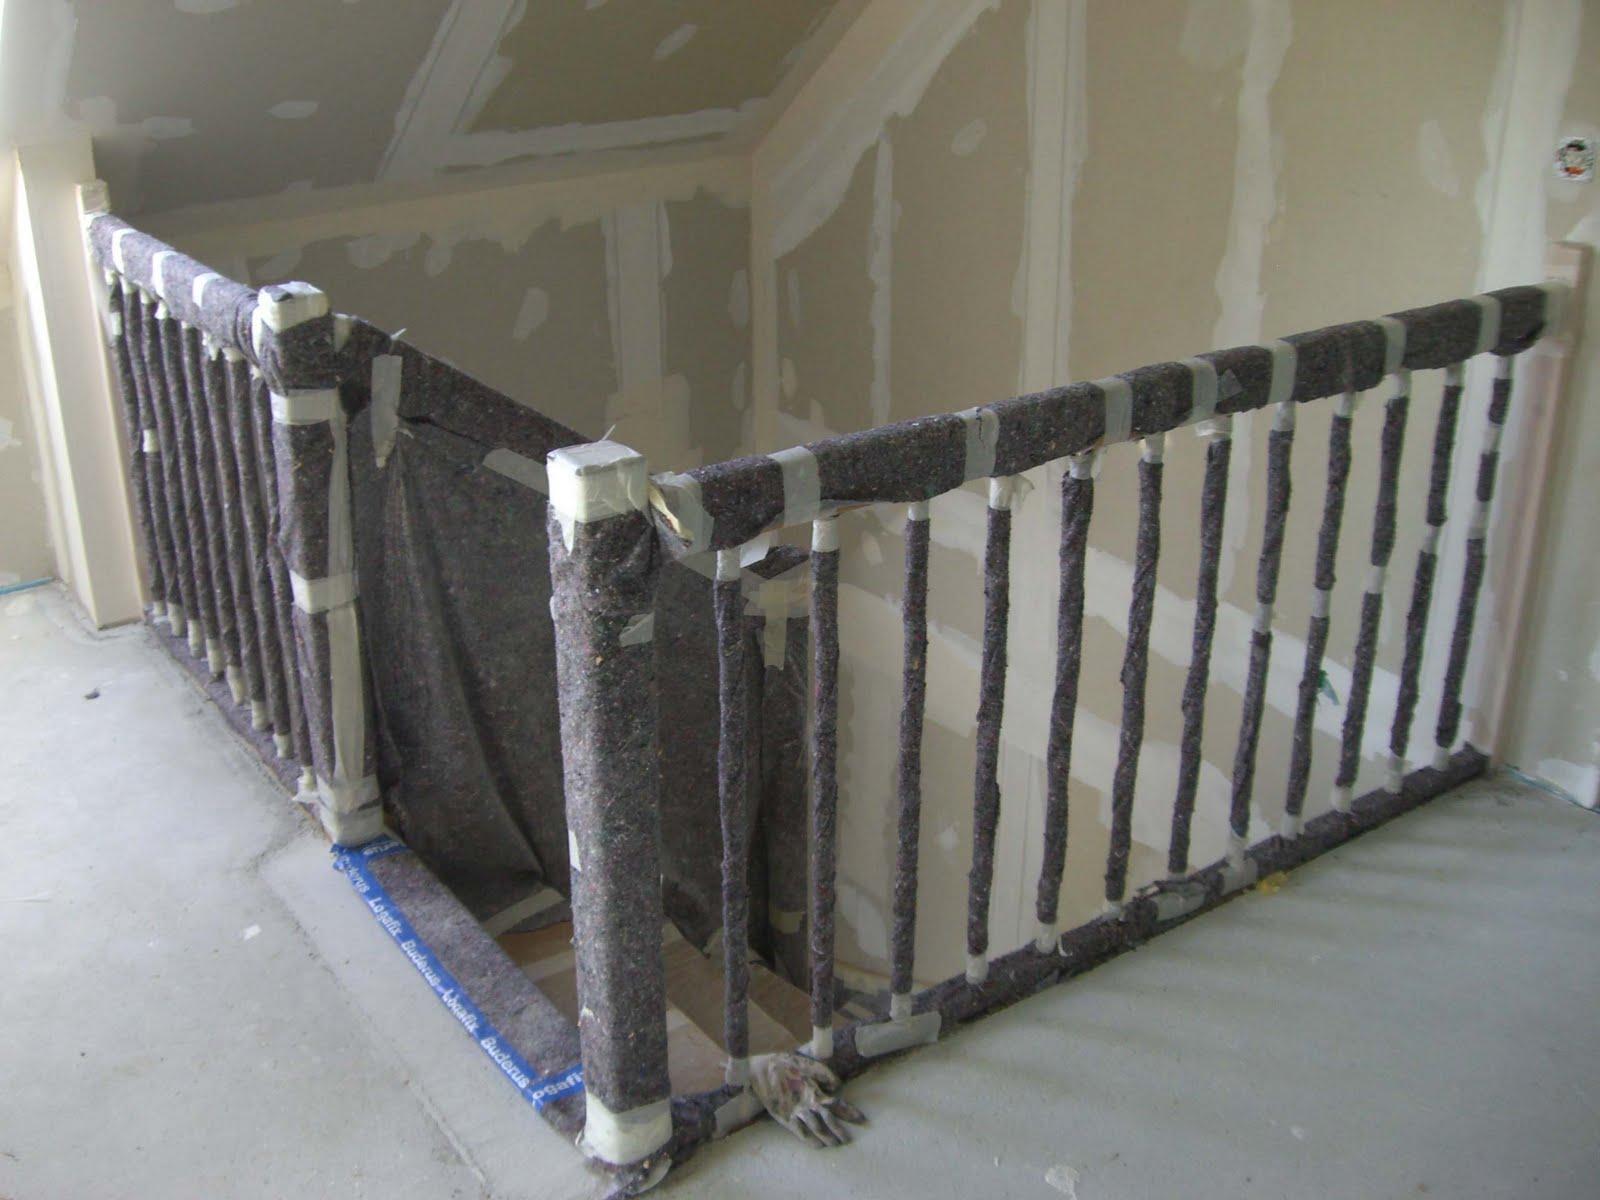 christian susi bauen ein haus mit danwood der innenausbau geht voran. Black Bedroom Furniture Sets. Home Design Ideas